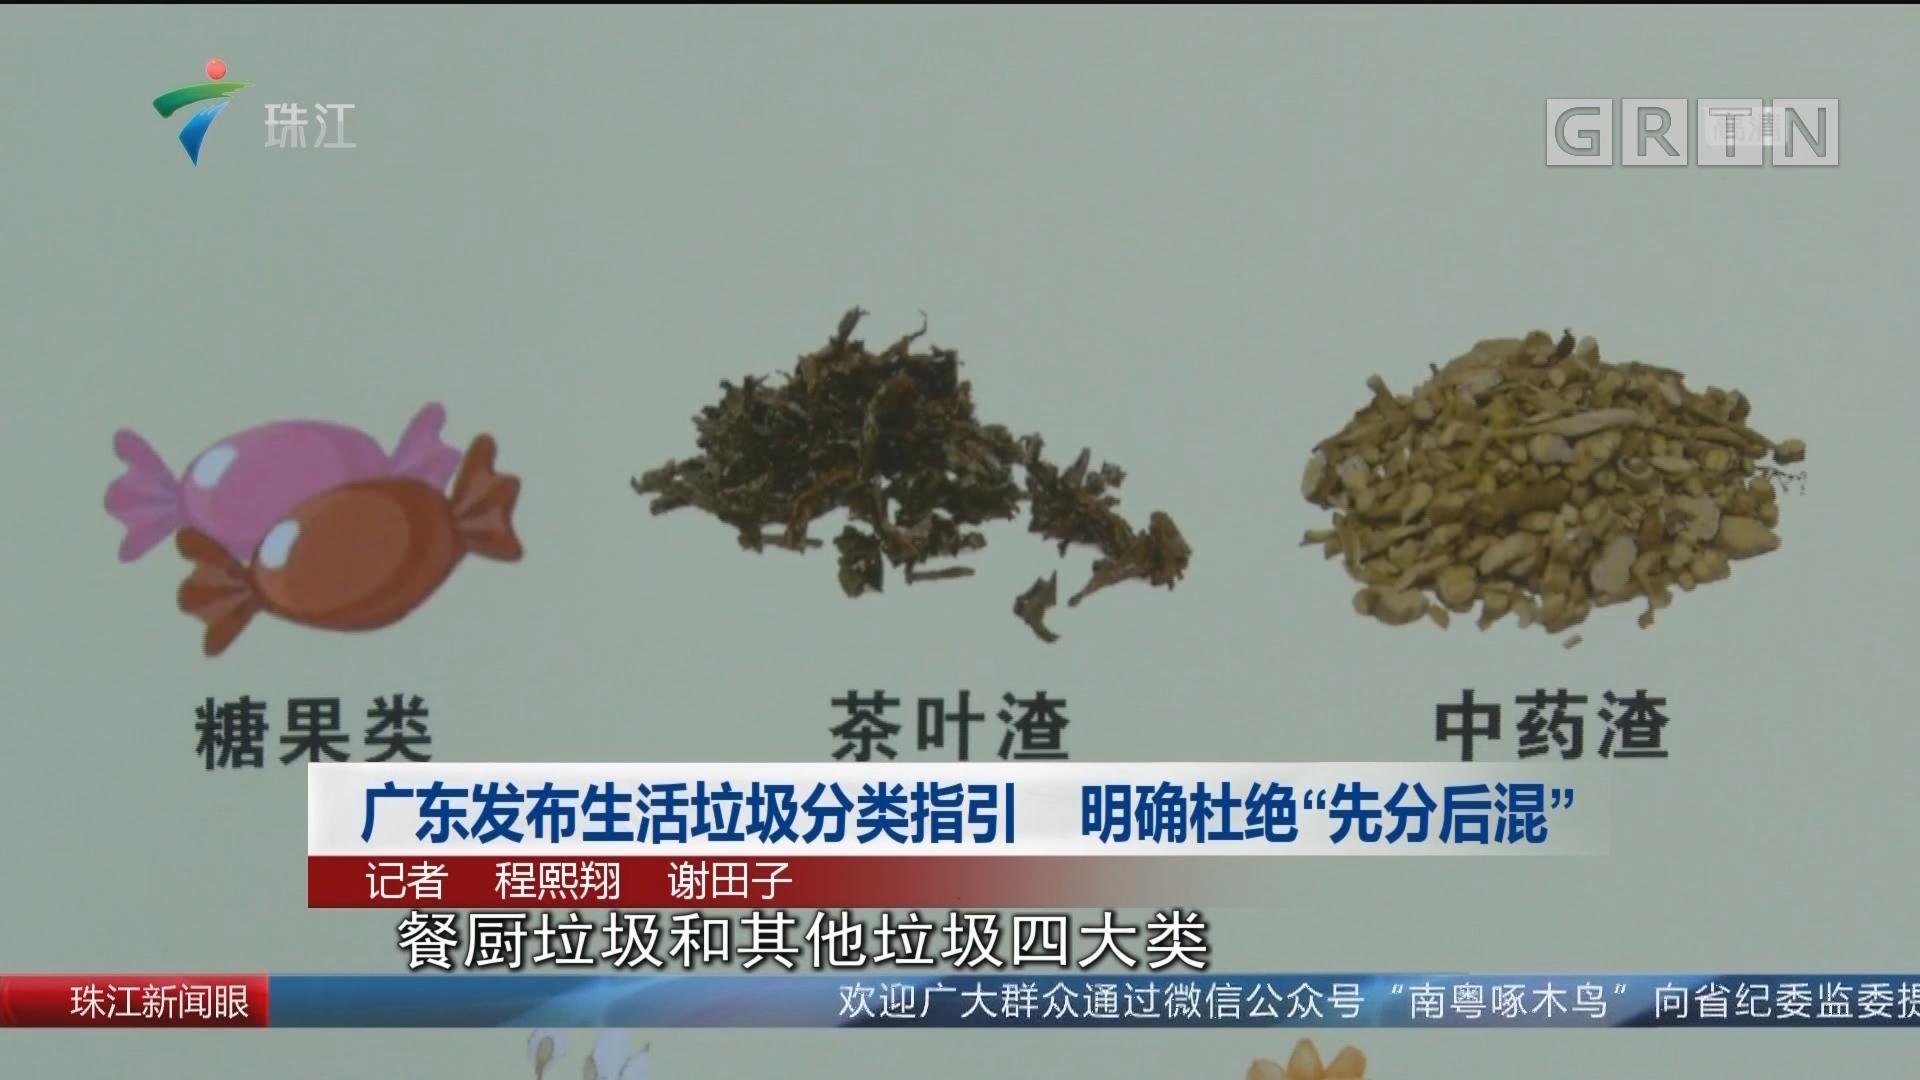 """广东发布生活垃圾分类指引 明确杜绝""""先分后混"""""""